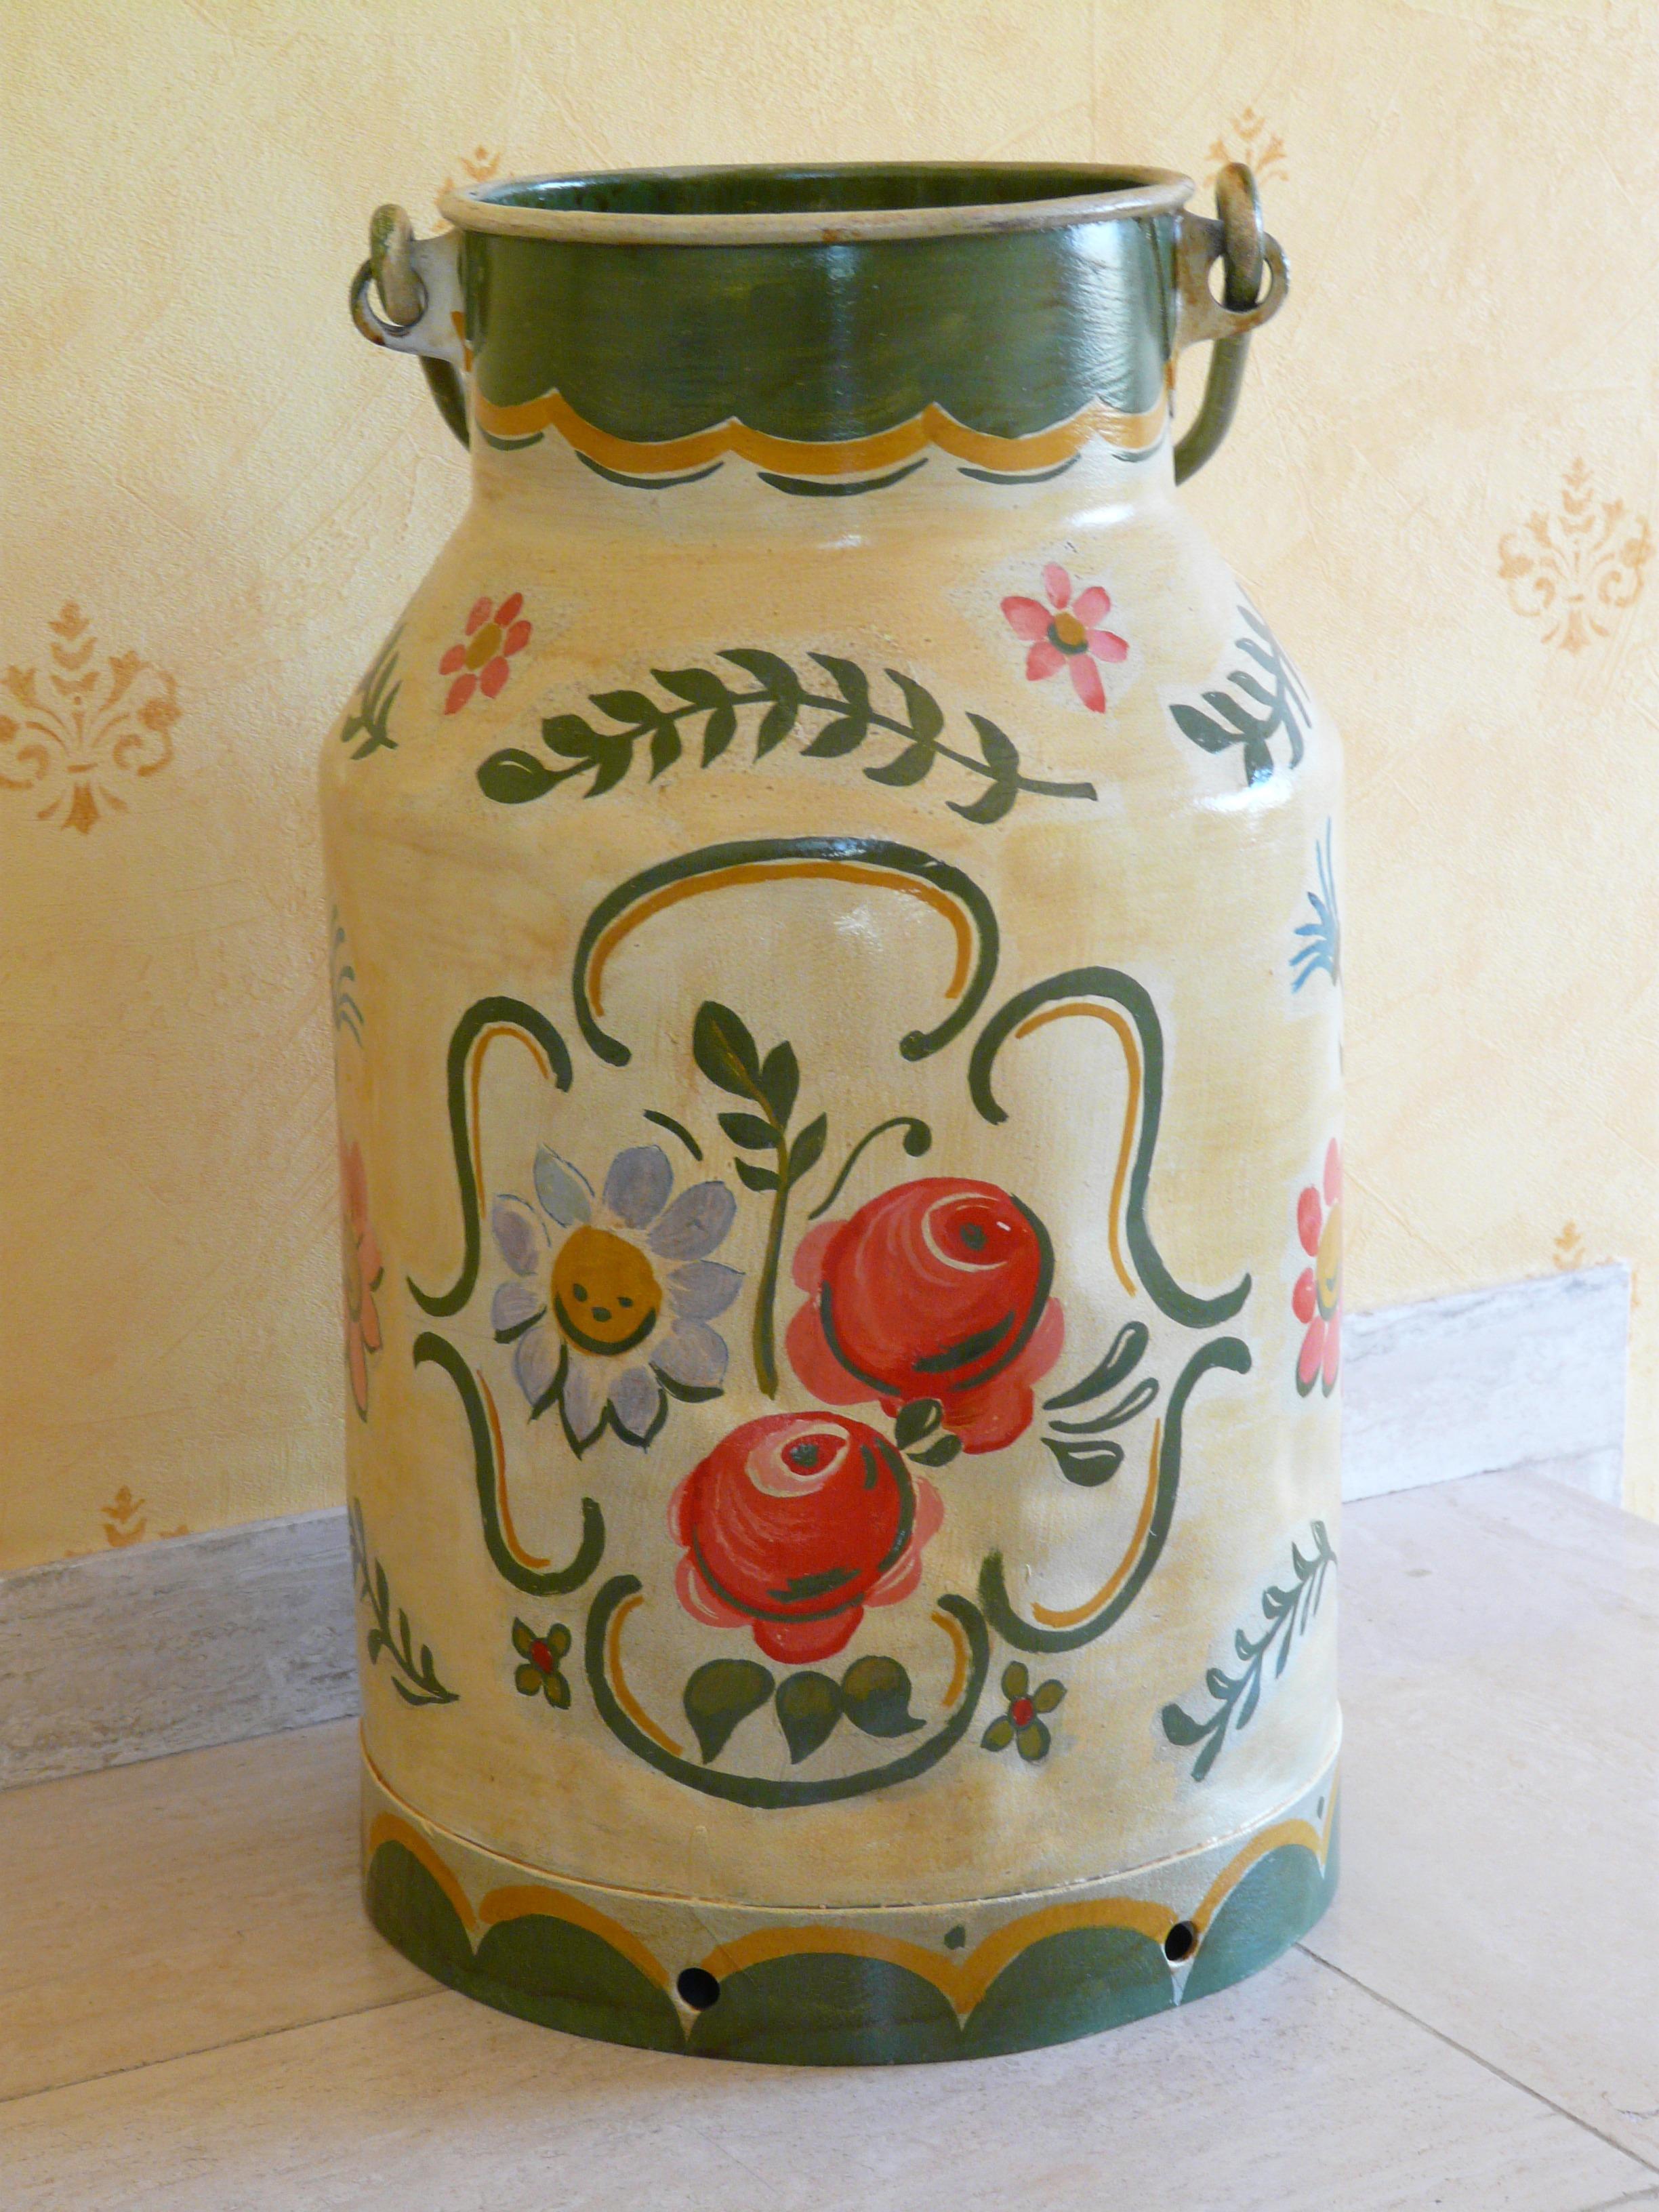 Gambar Bunga Kaca Pot Cangkir Vas Keramik Botol